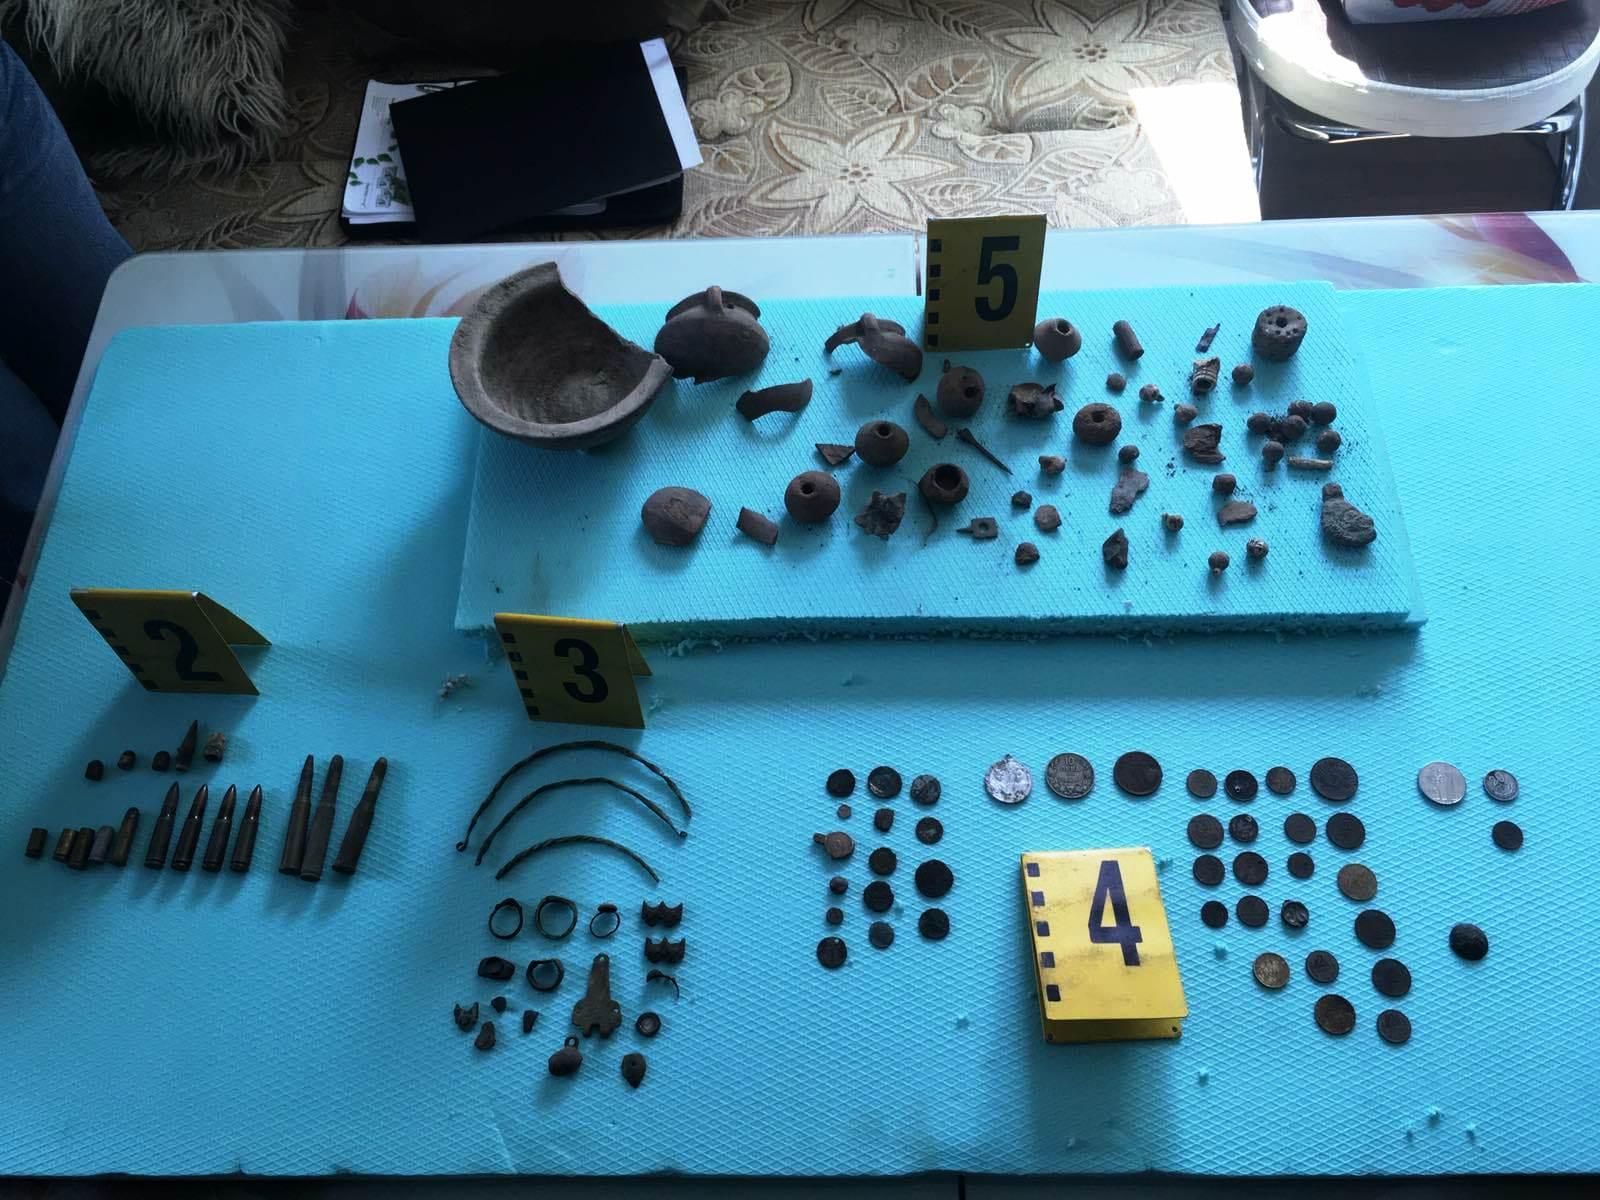 Незаконно притежавани културно-исторически ценности, огнестрелни оръжия и боеприпаси бяха открити от велинградски криминалисти в къща, намираща се в село Кръстава